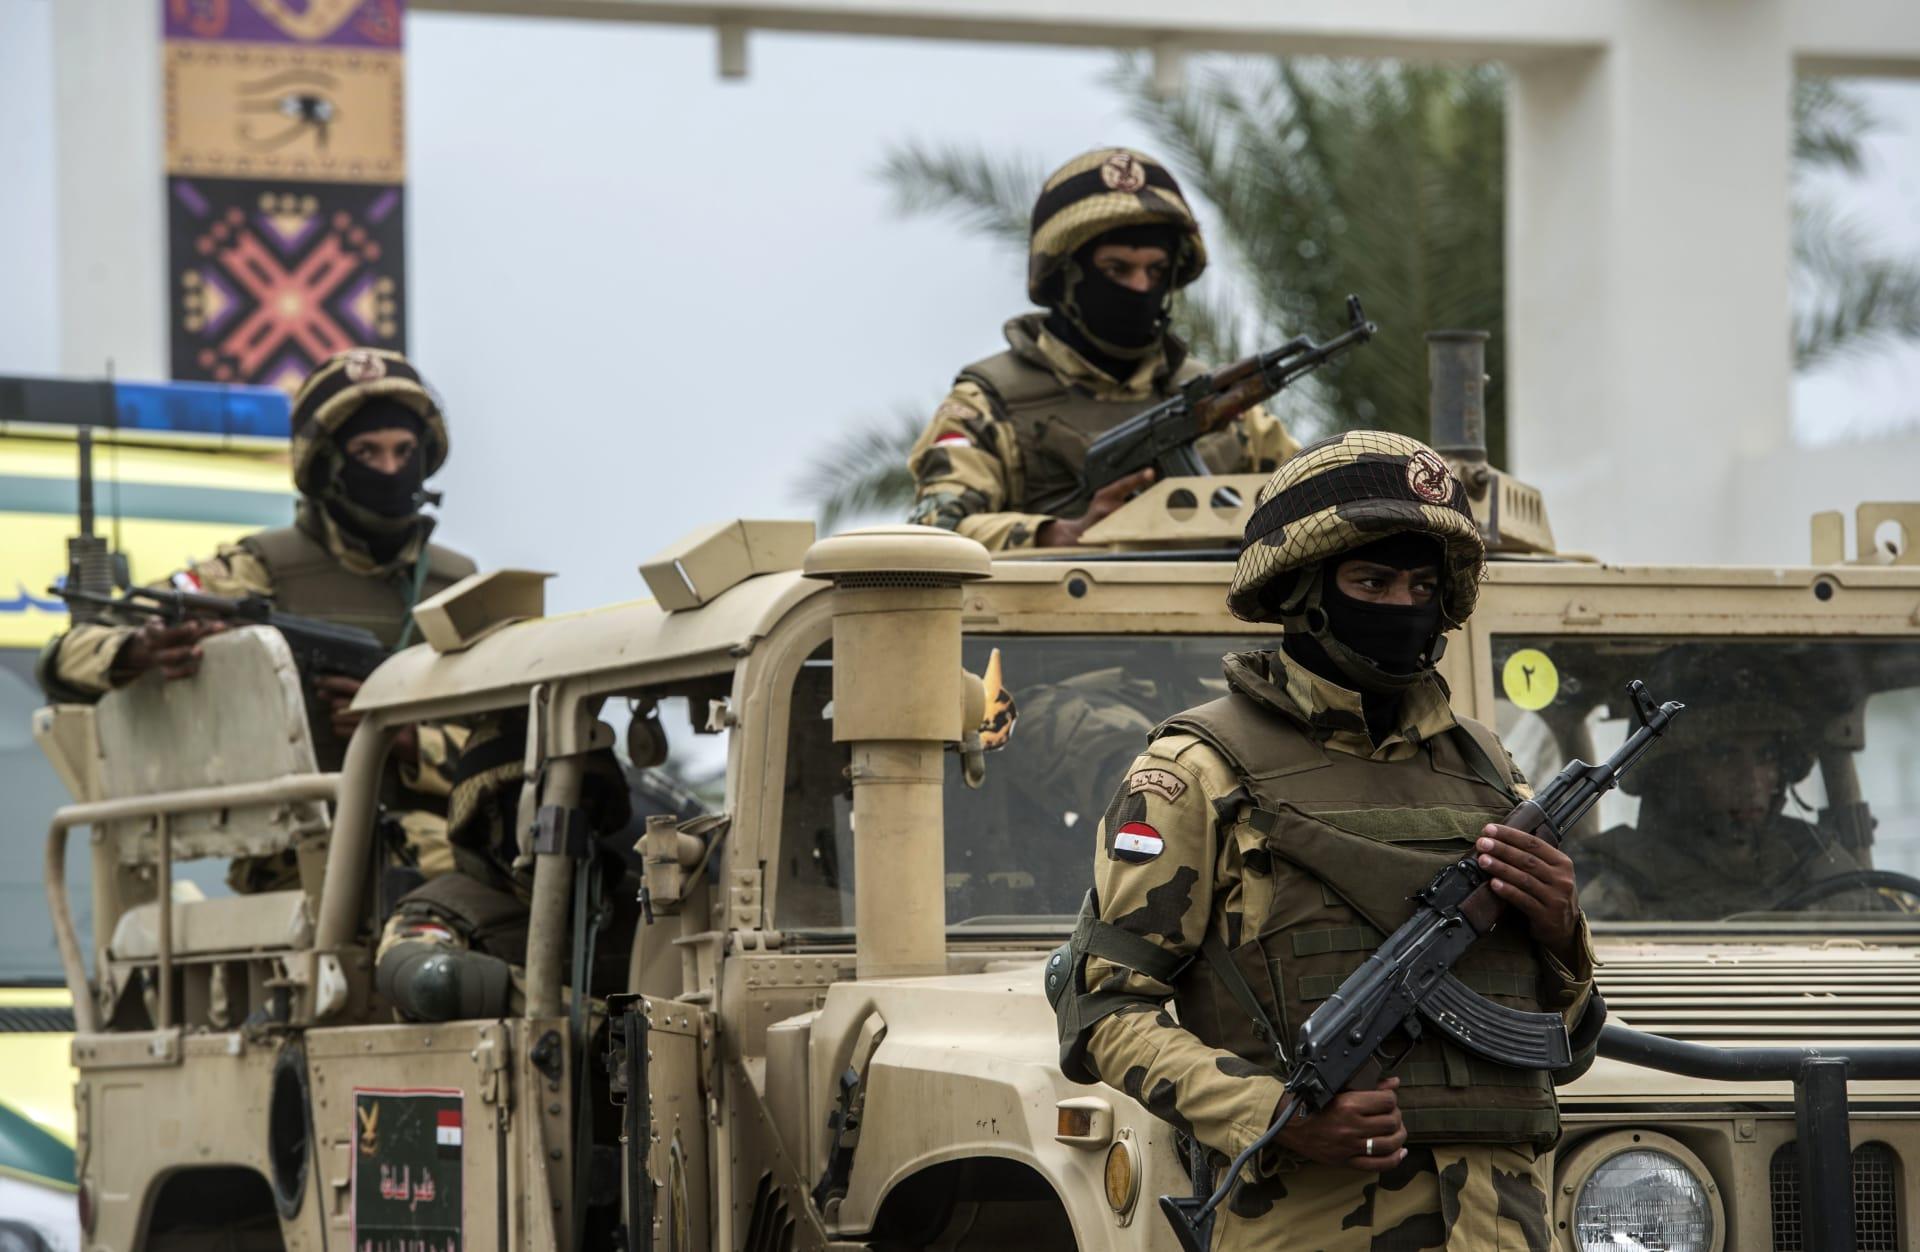 رئيس أركان الجيش المصري يتفقد الاستعداد القتالي للقوات على الحدود الغربية مع ليبيا